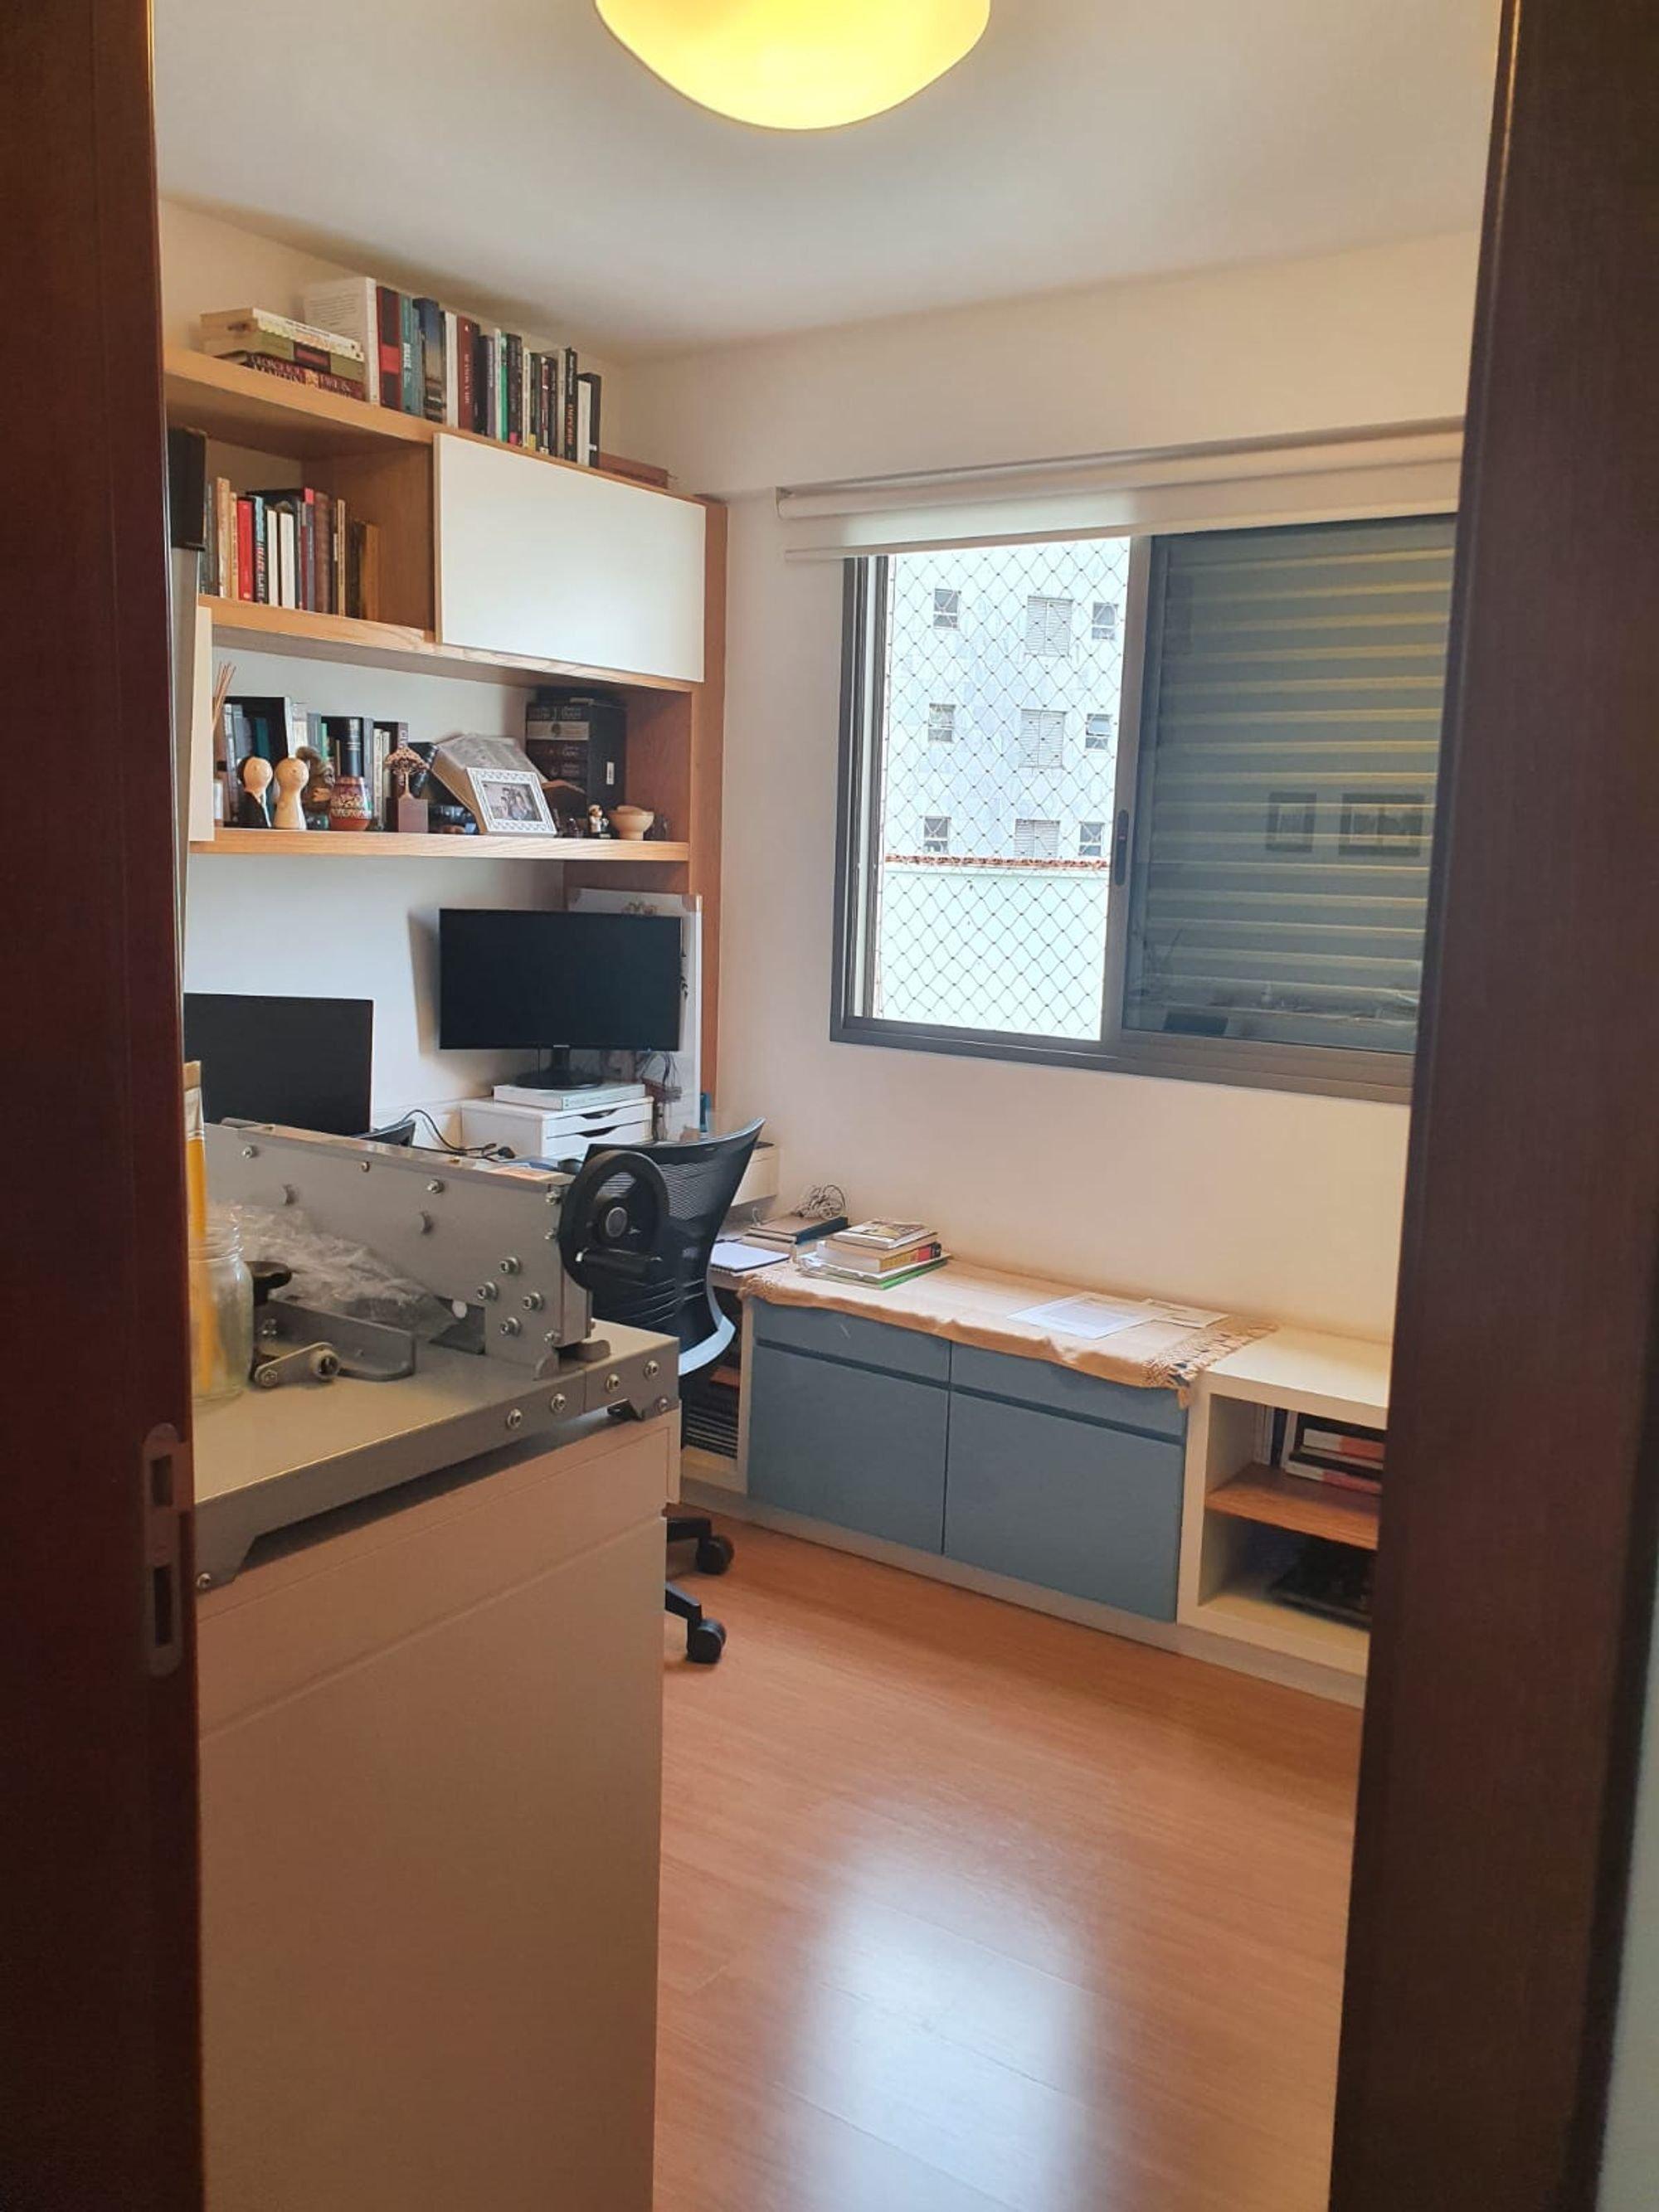 Foto de Cozinha com televisão, cadeira, livro